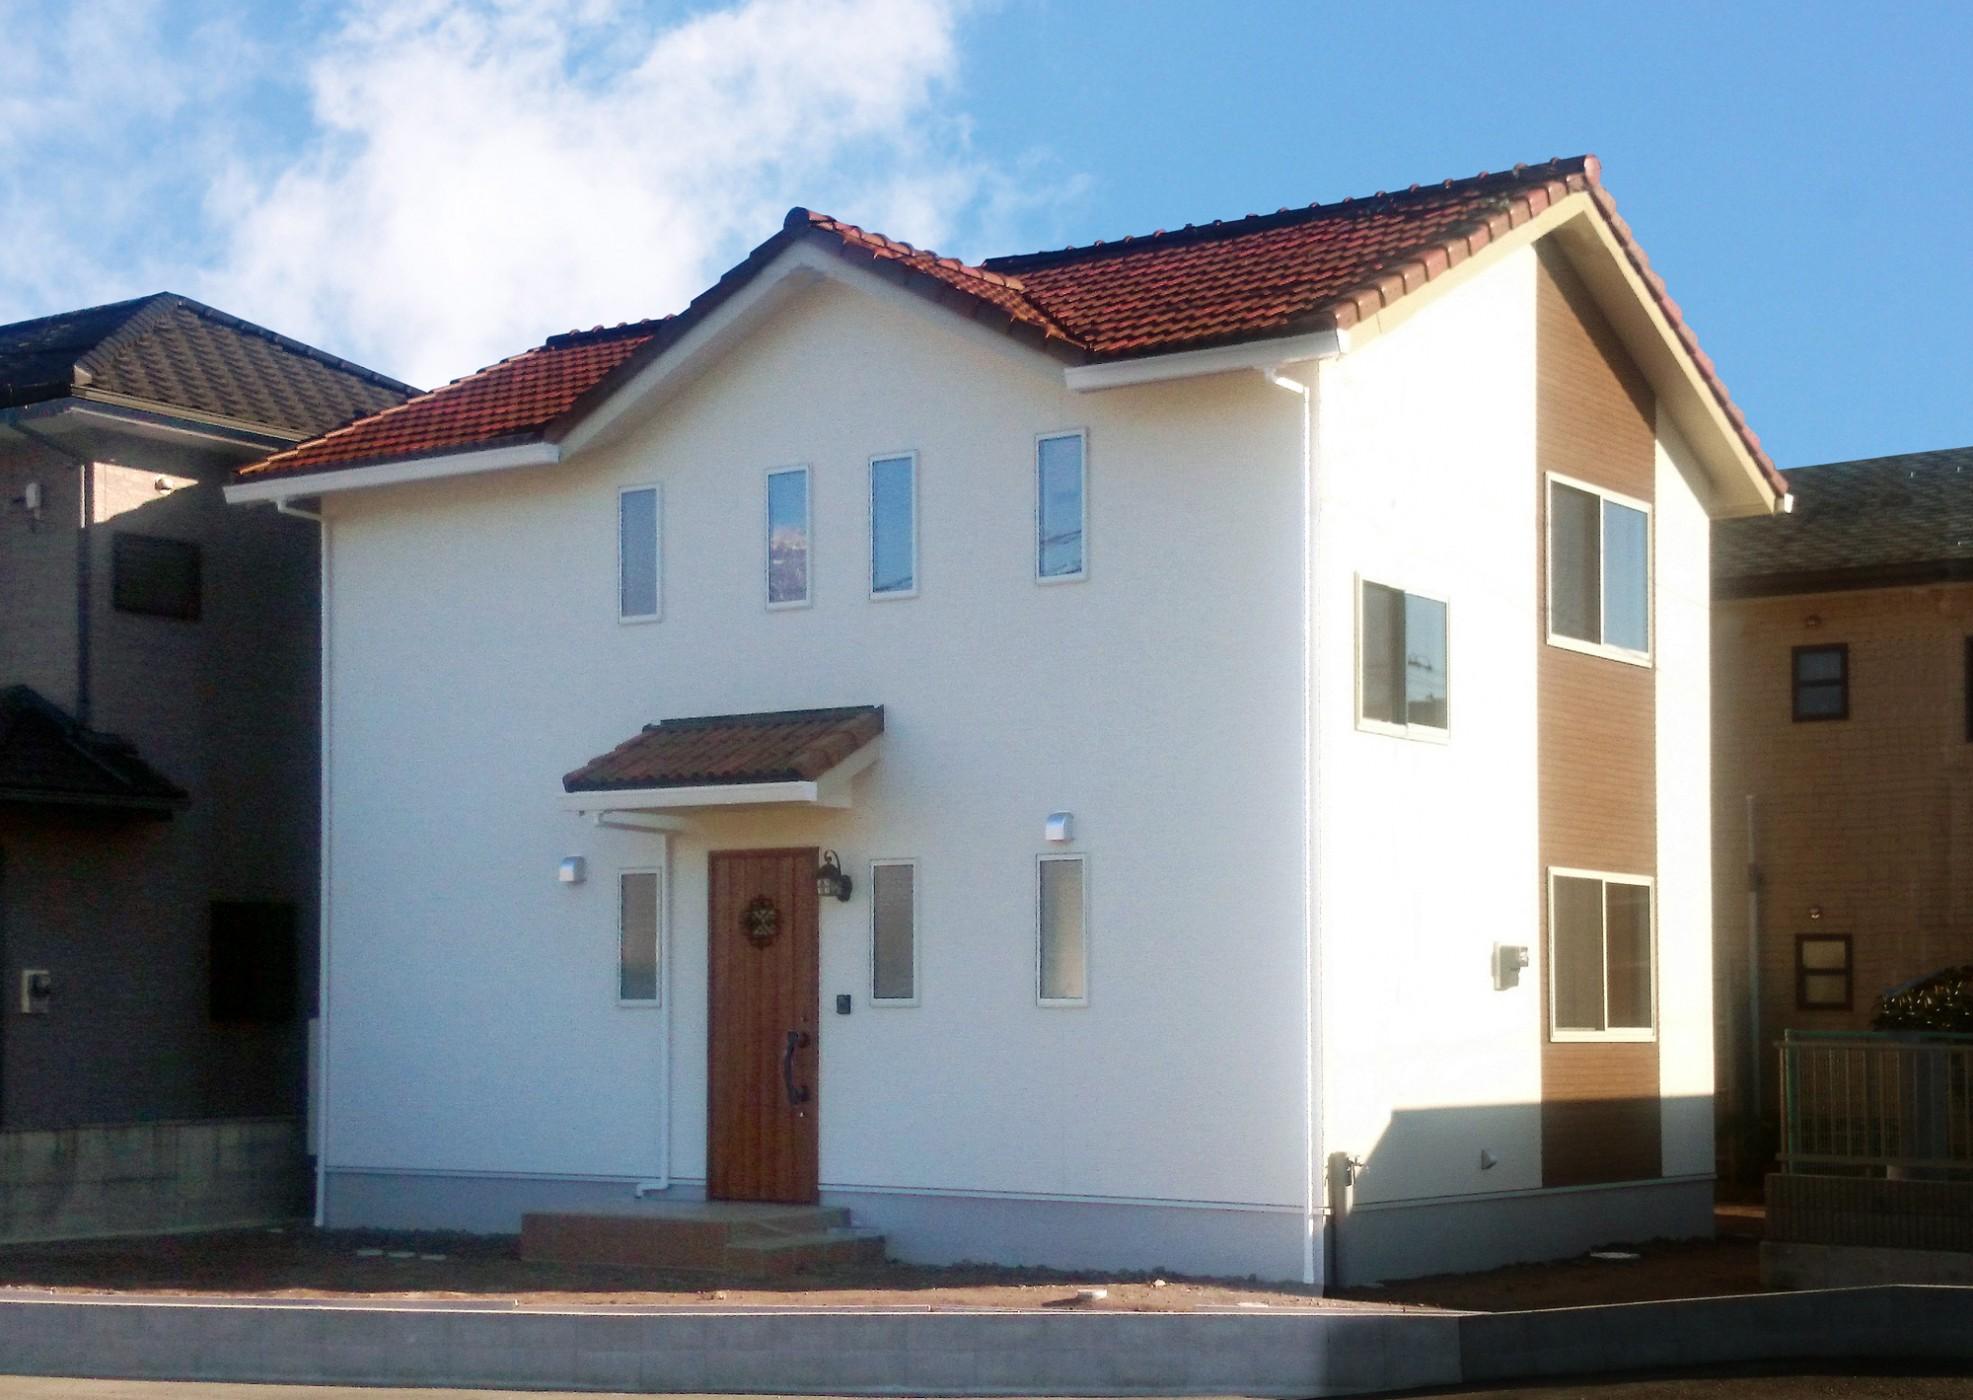 混ぜ葺の瓦屋根と白い外壁でかわいいお家に仕上がりました。